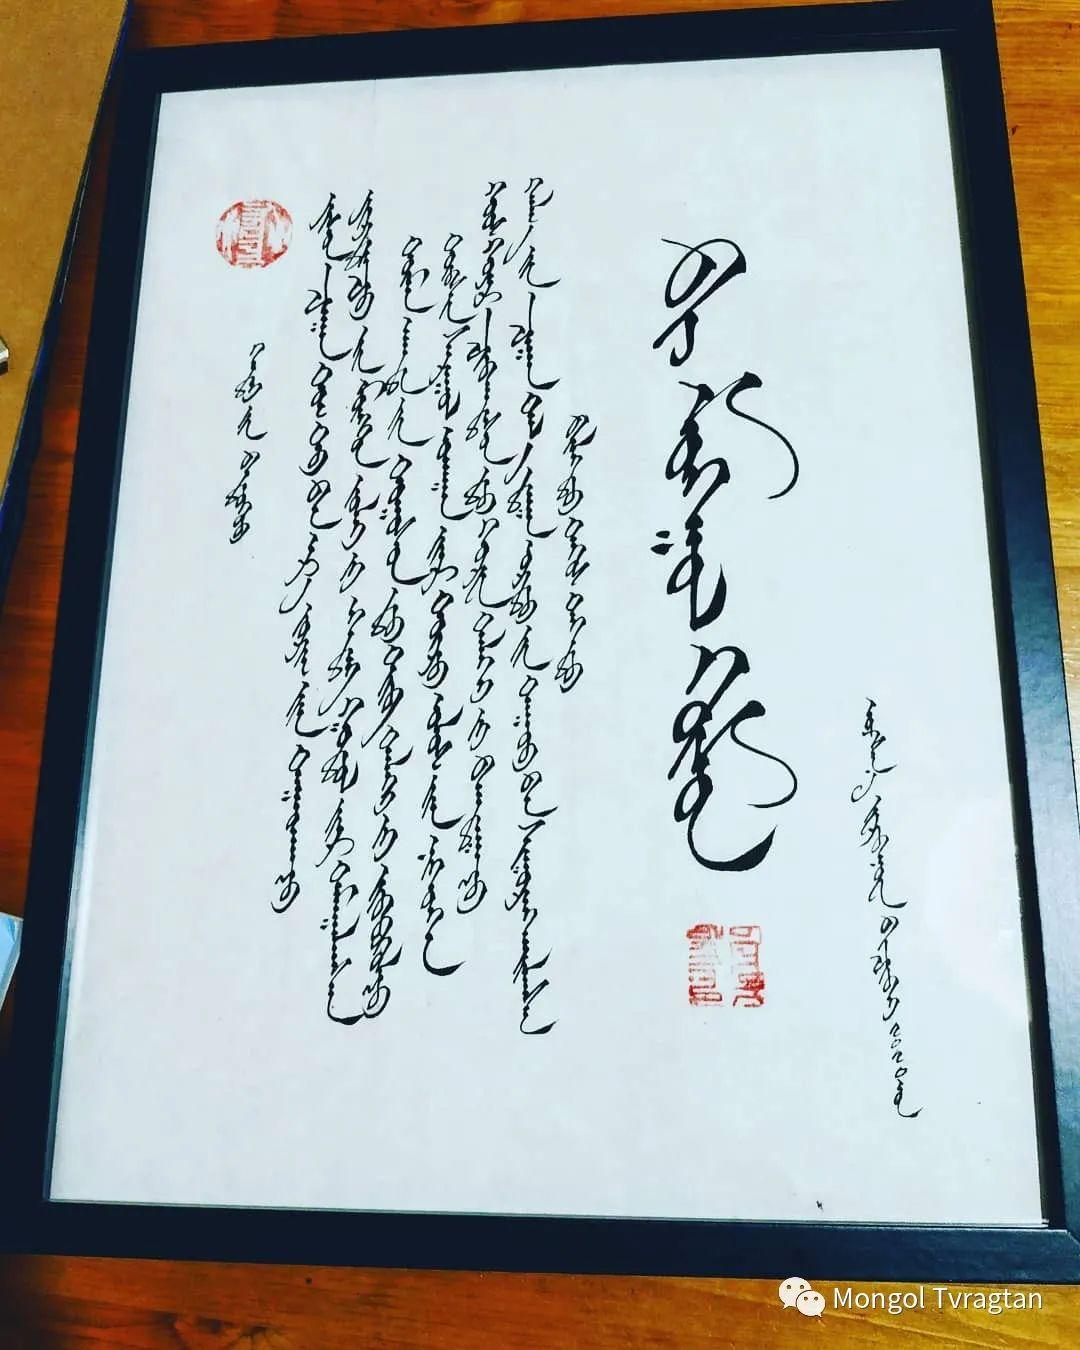 ᠤᠷᠠᠨ ᠪᠢᠴᠢᠯᠭᠡ 第12张 ᠤᠷᠠᠨ ᠪᠢᠴᠢᠯᠭᠡ 蒙古书法